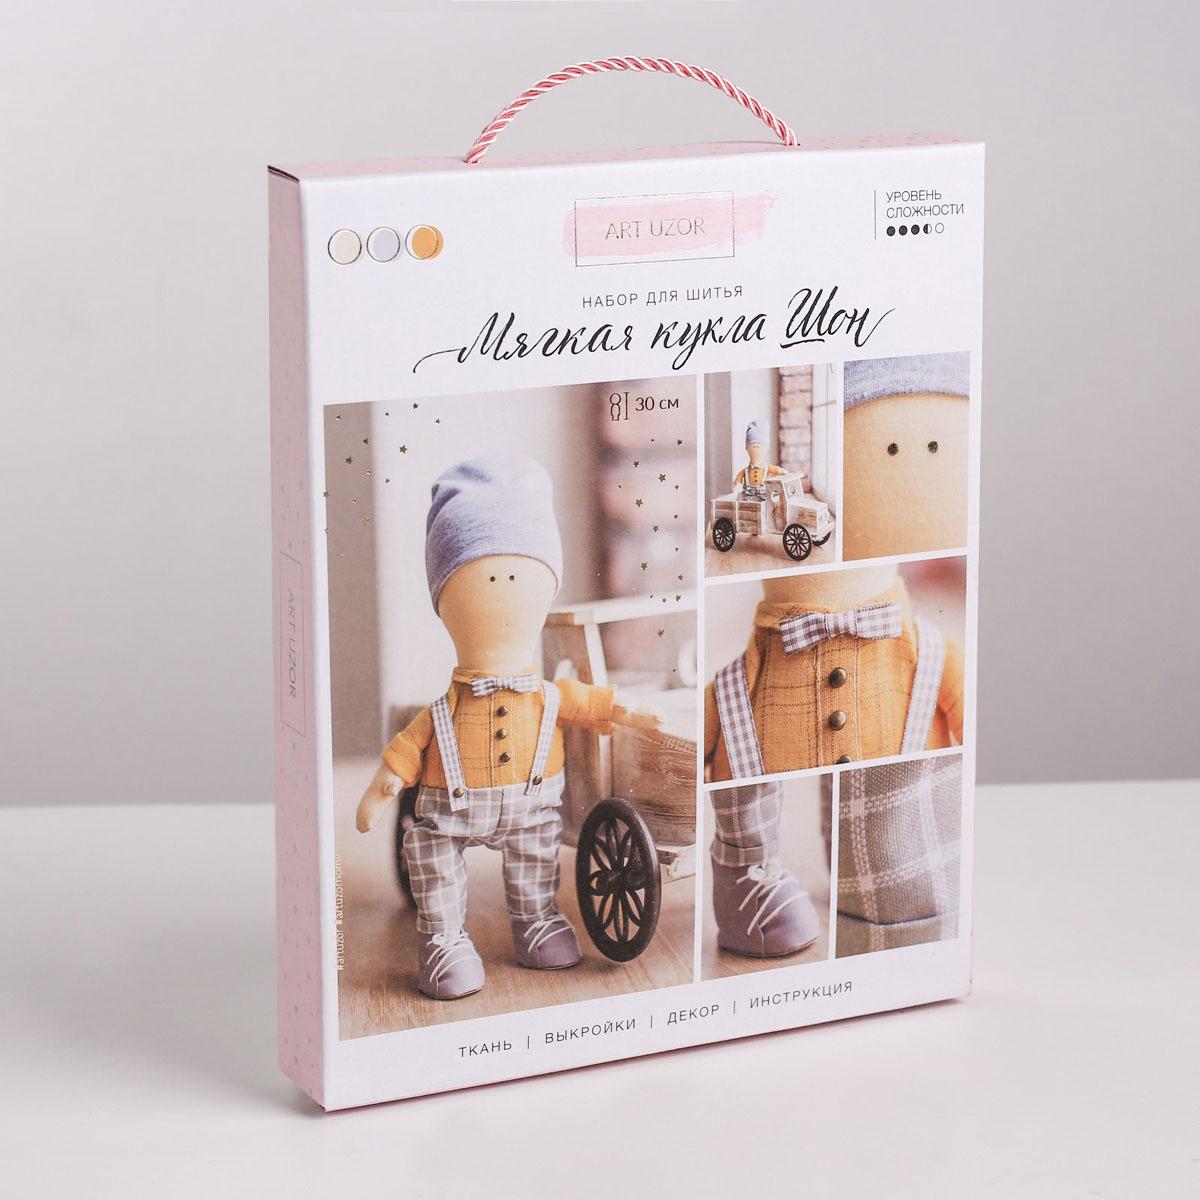 3548656 Интерьерная кукла 'Шон', набор для шитья, 18 *22,5 *2,5 см